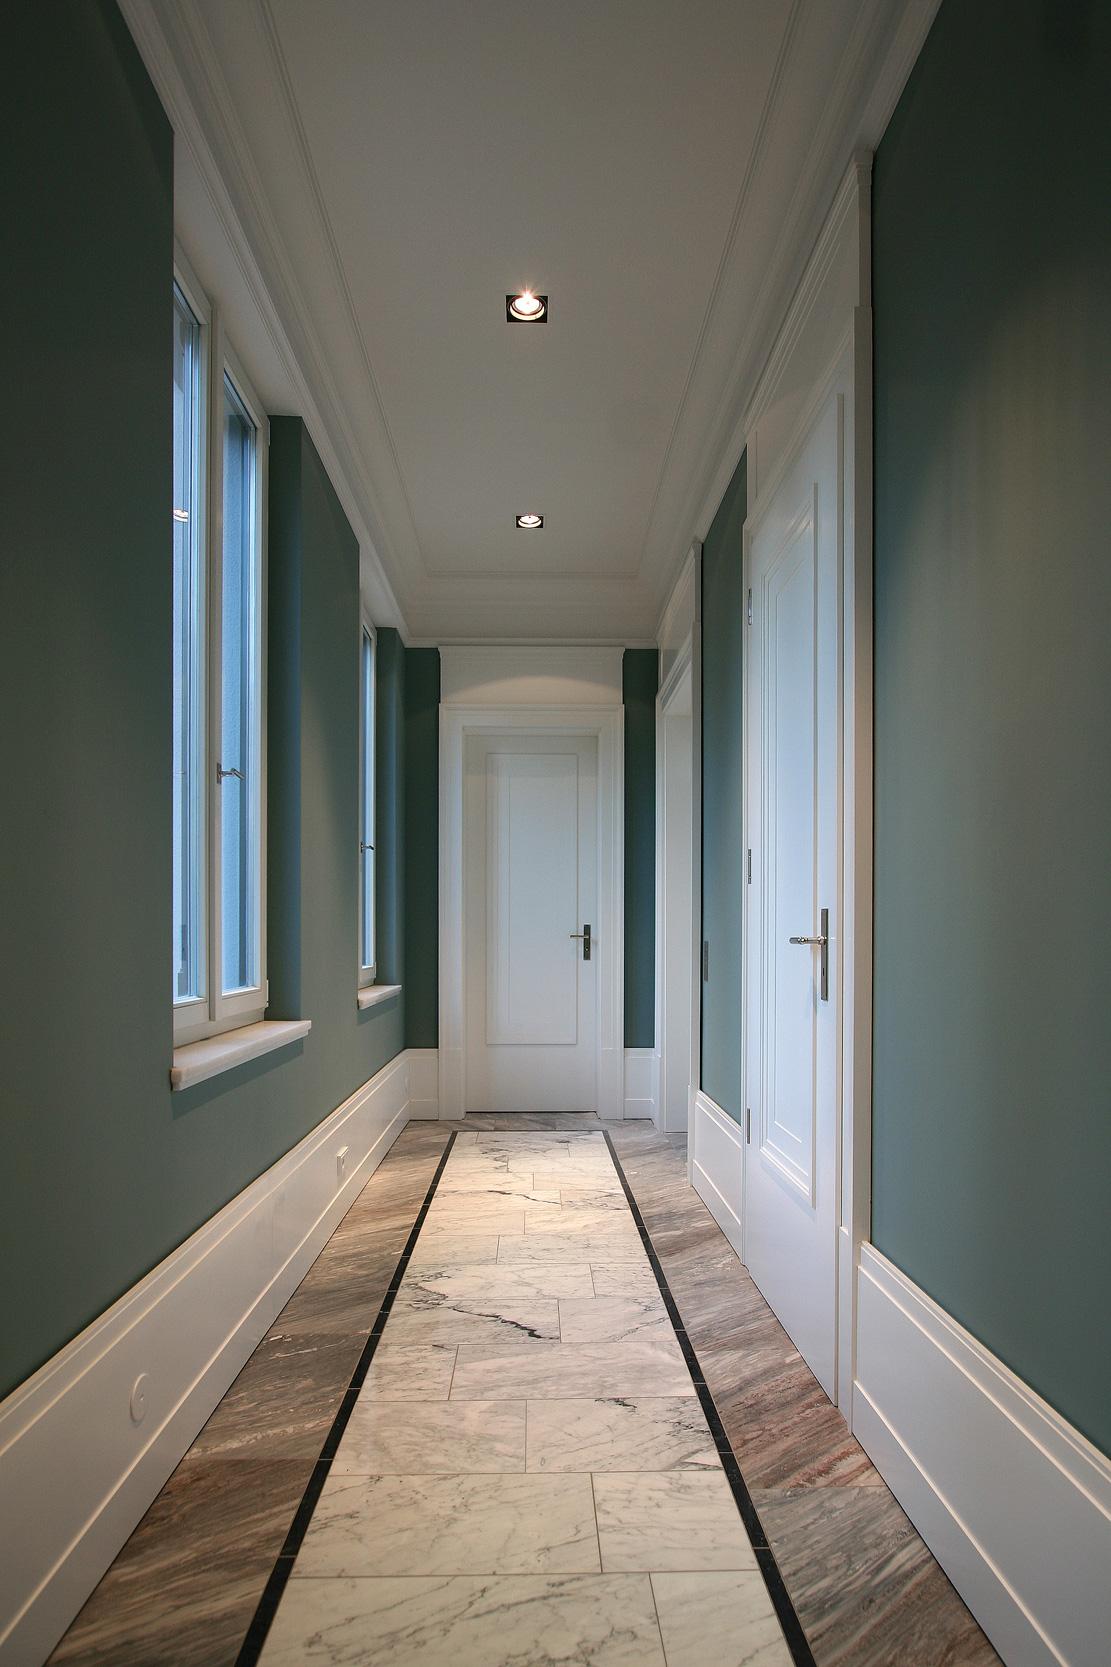 Neubau einer Villa im neoklassizistischen Stil - Kassettierte Stiltüren aus Vollholz, Stuckgesimse und Sockelverkleidungen wurde komplett handgefertigt